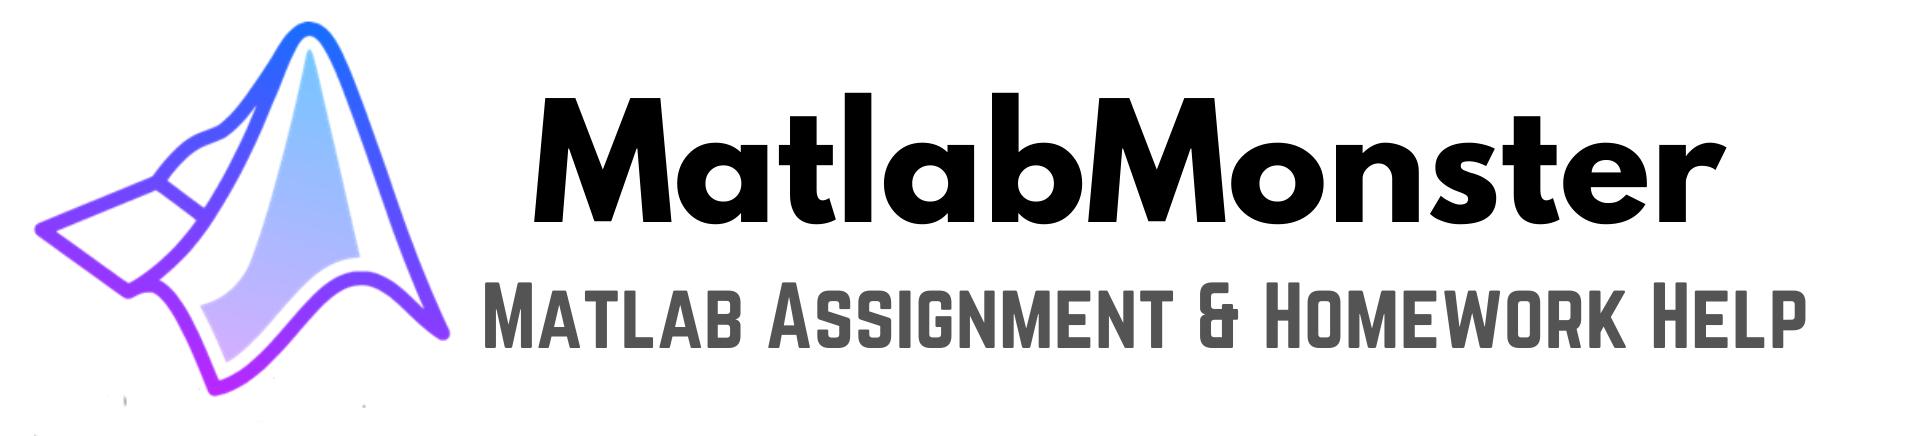 MatLabMonster.com